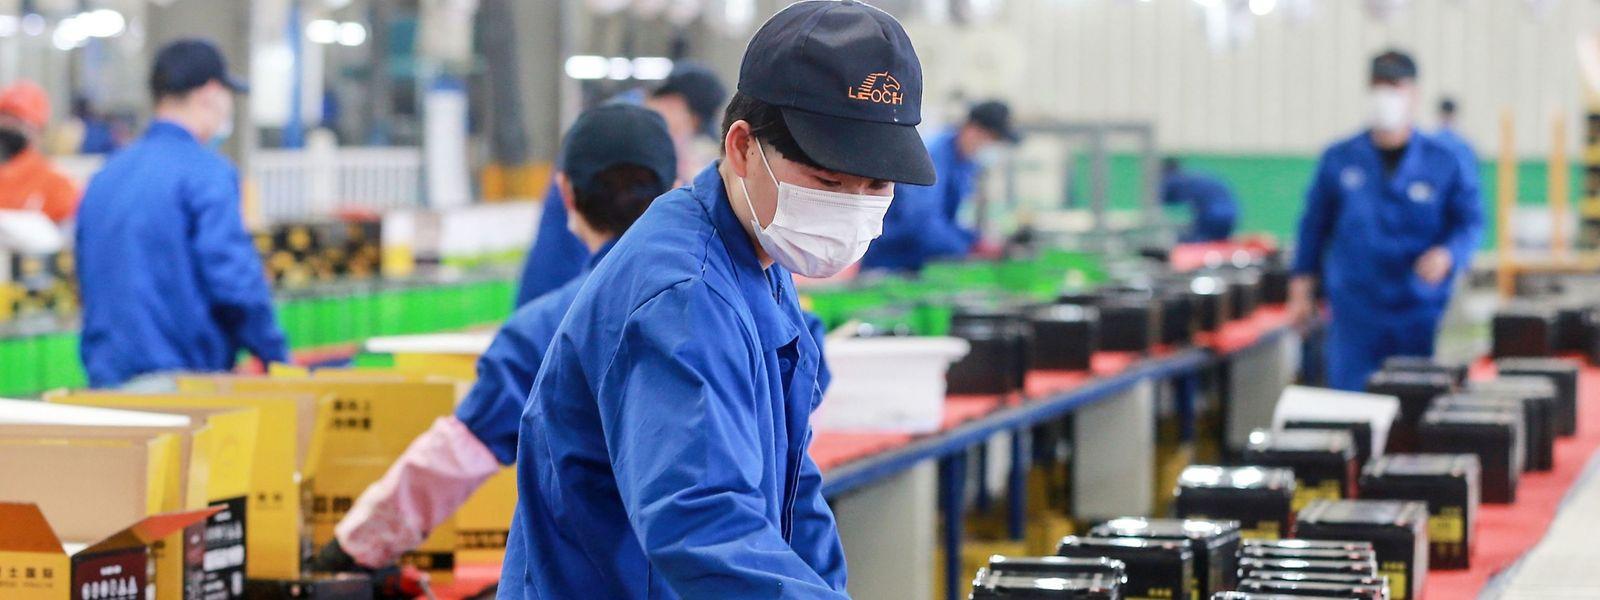 En Chine, l'activité reprend, mais les scénarios noirs menacent l'économie mondiale.